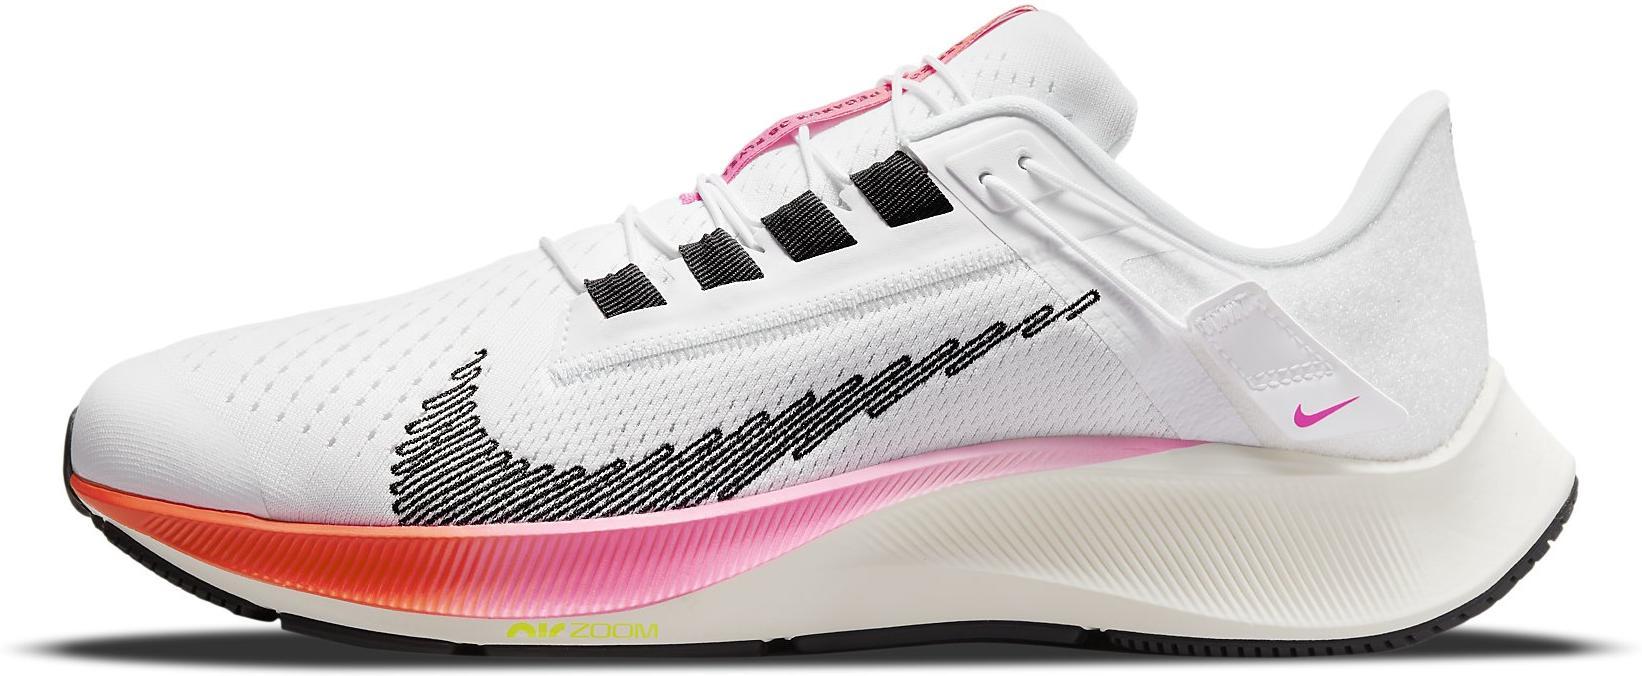 Zapatillas de running Nike Air Zoom Pegasus 38 FlyEase